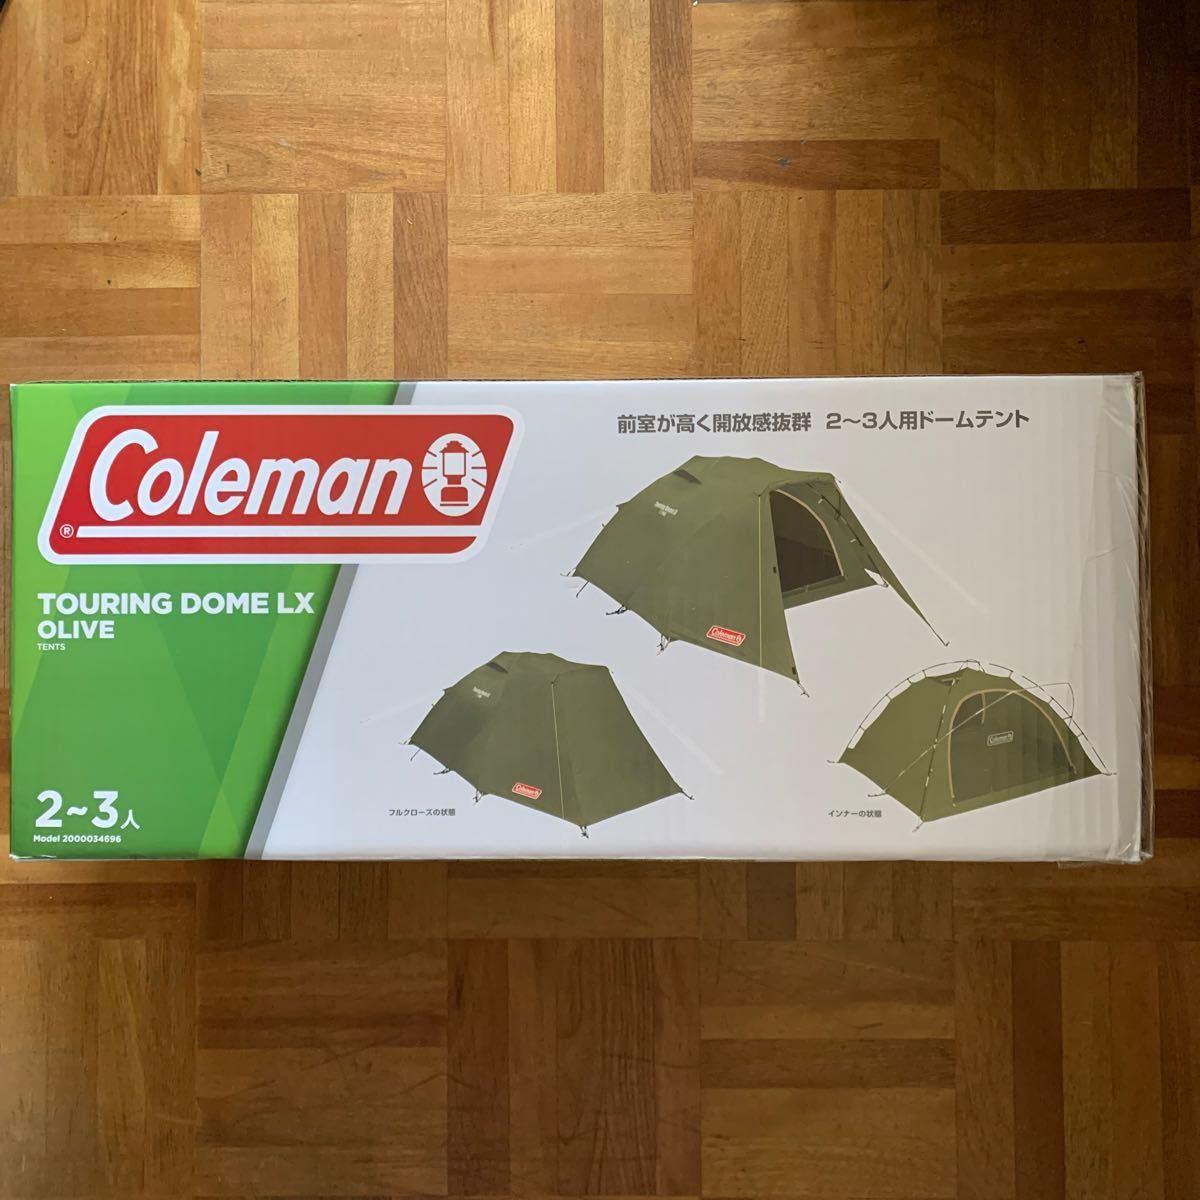 ★新品未開封★ Coleman テント コールマン ツーリングドームLX Amazon限定カラー オリーブ